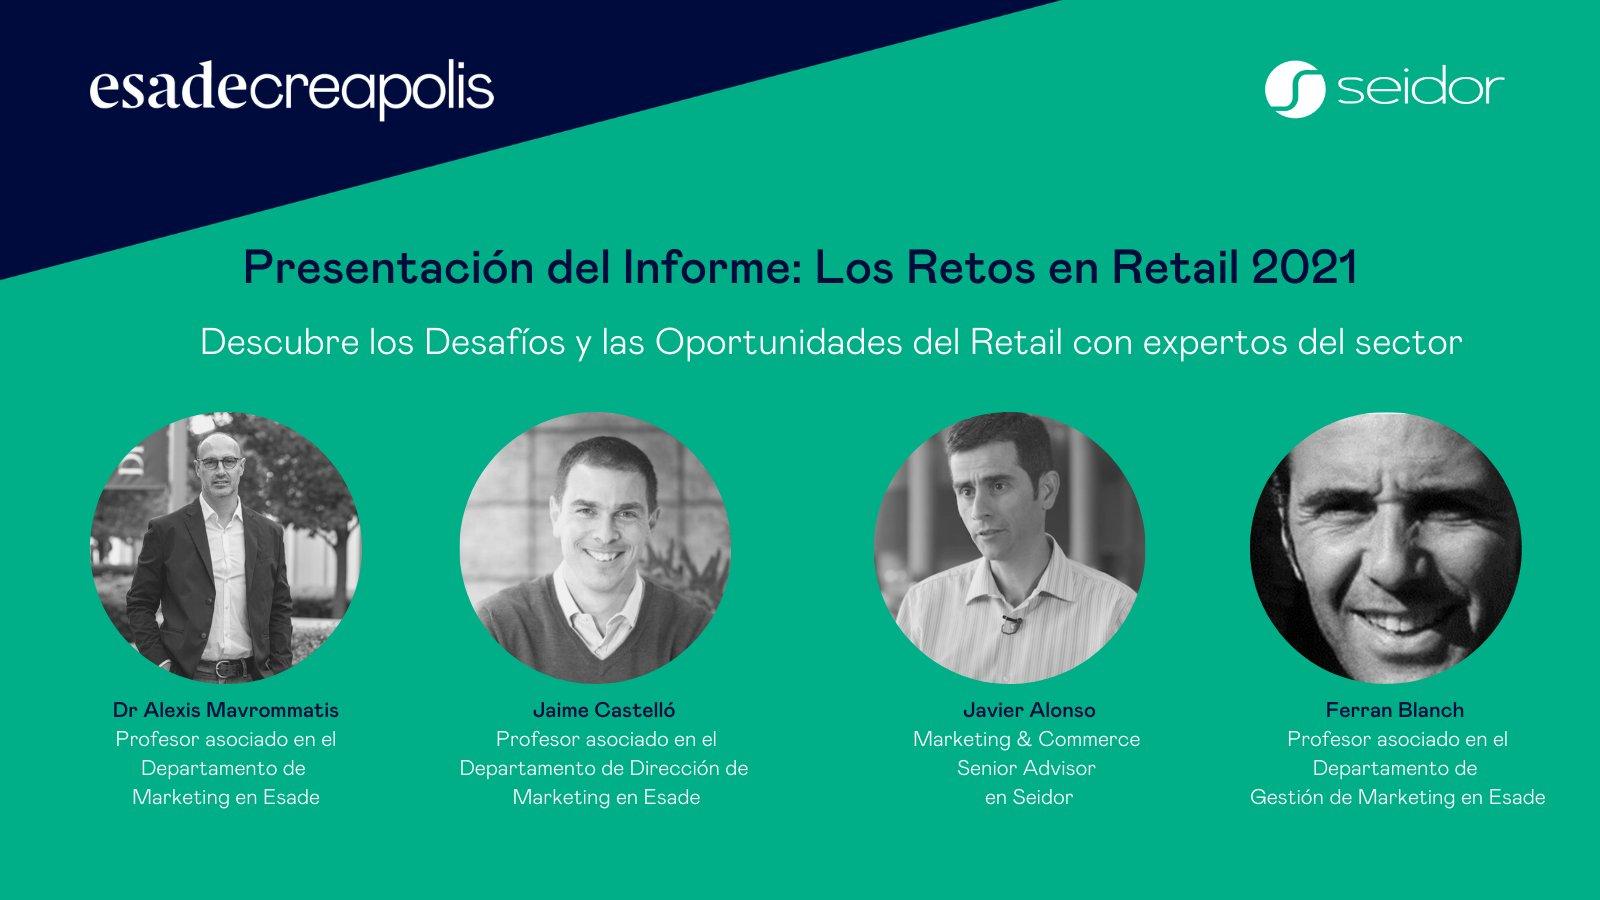 Seidor i Esade Creapolis presenten l'informe 'Reptes en retail 2021', un estudi que analitza l'estat del sector